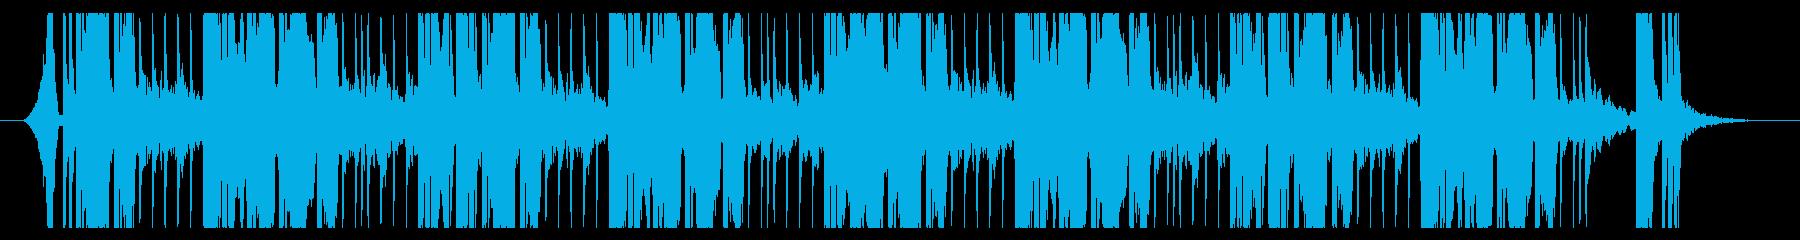 かわいいフューチャーベースNo386_4の再生済みの波形